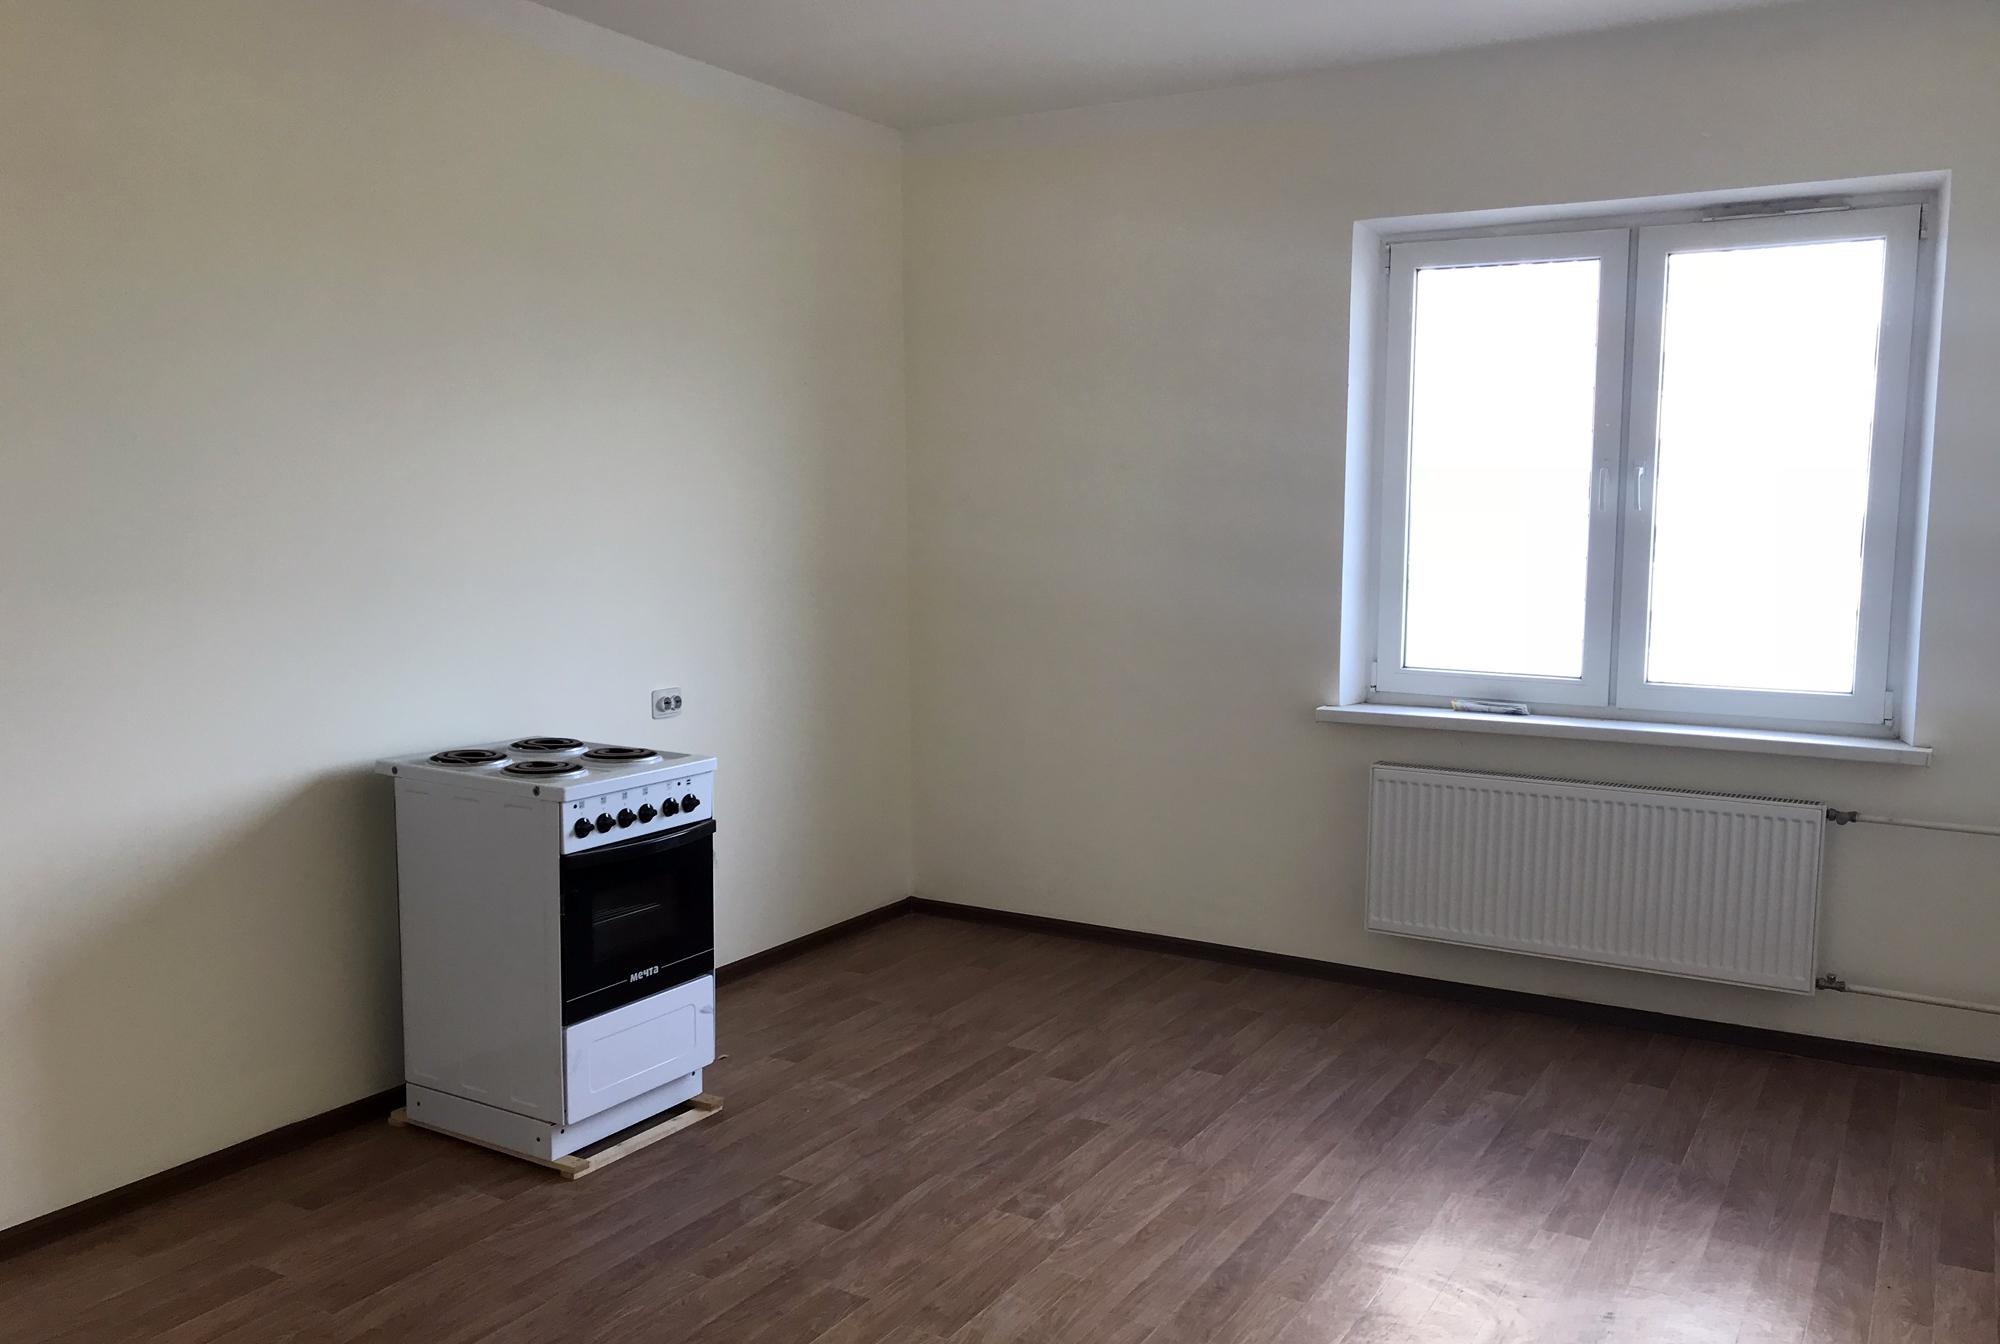 «Однушка» или «студия»: какую малогабаритную квартиру лучше выбрать? - фото 2